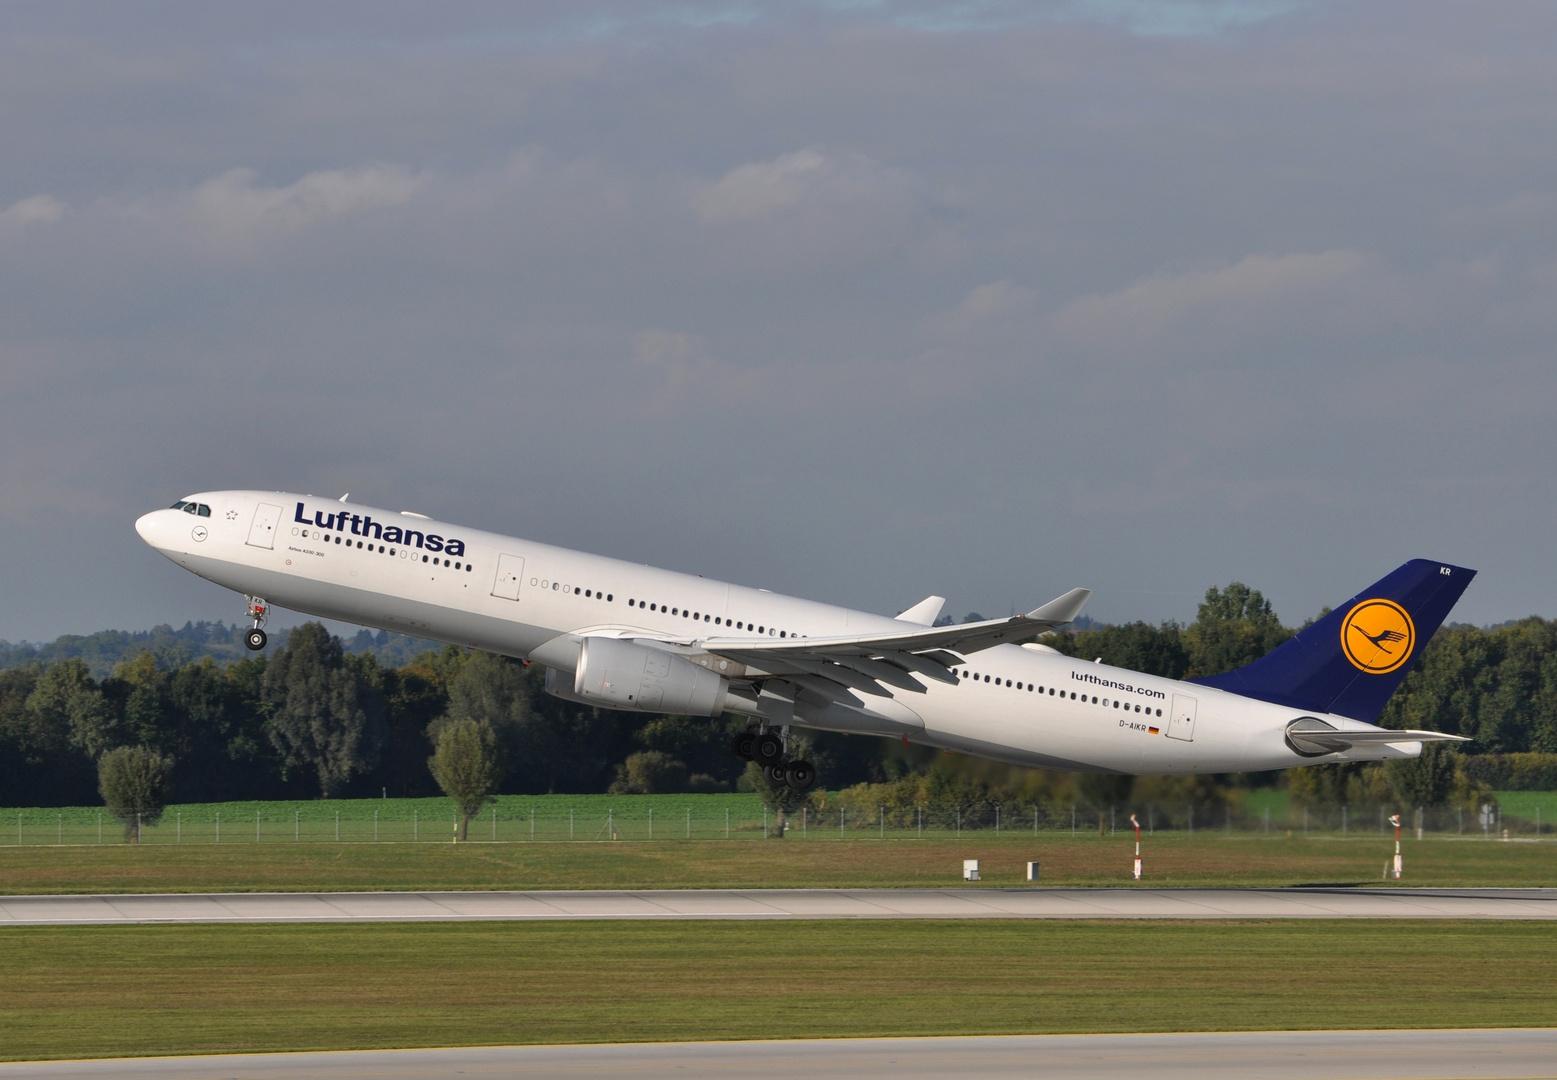 Lufthansa D-AIKR